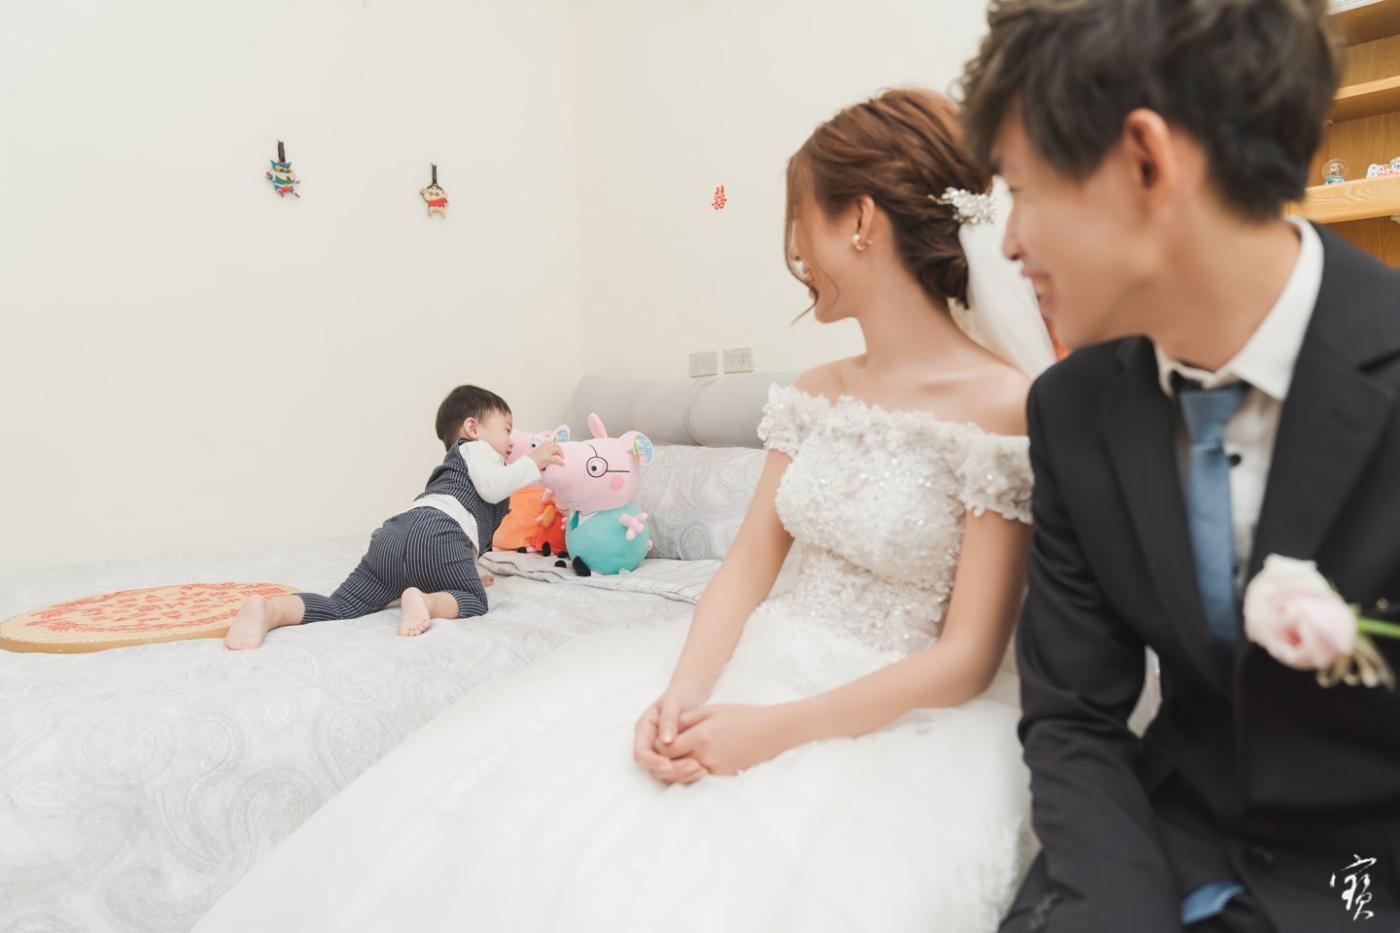 婚禮攝影 新竹彭園 冬伴影像 攝影師大寶 婚紗攝影 新娘新郎 早儀午宴20181125-175